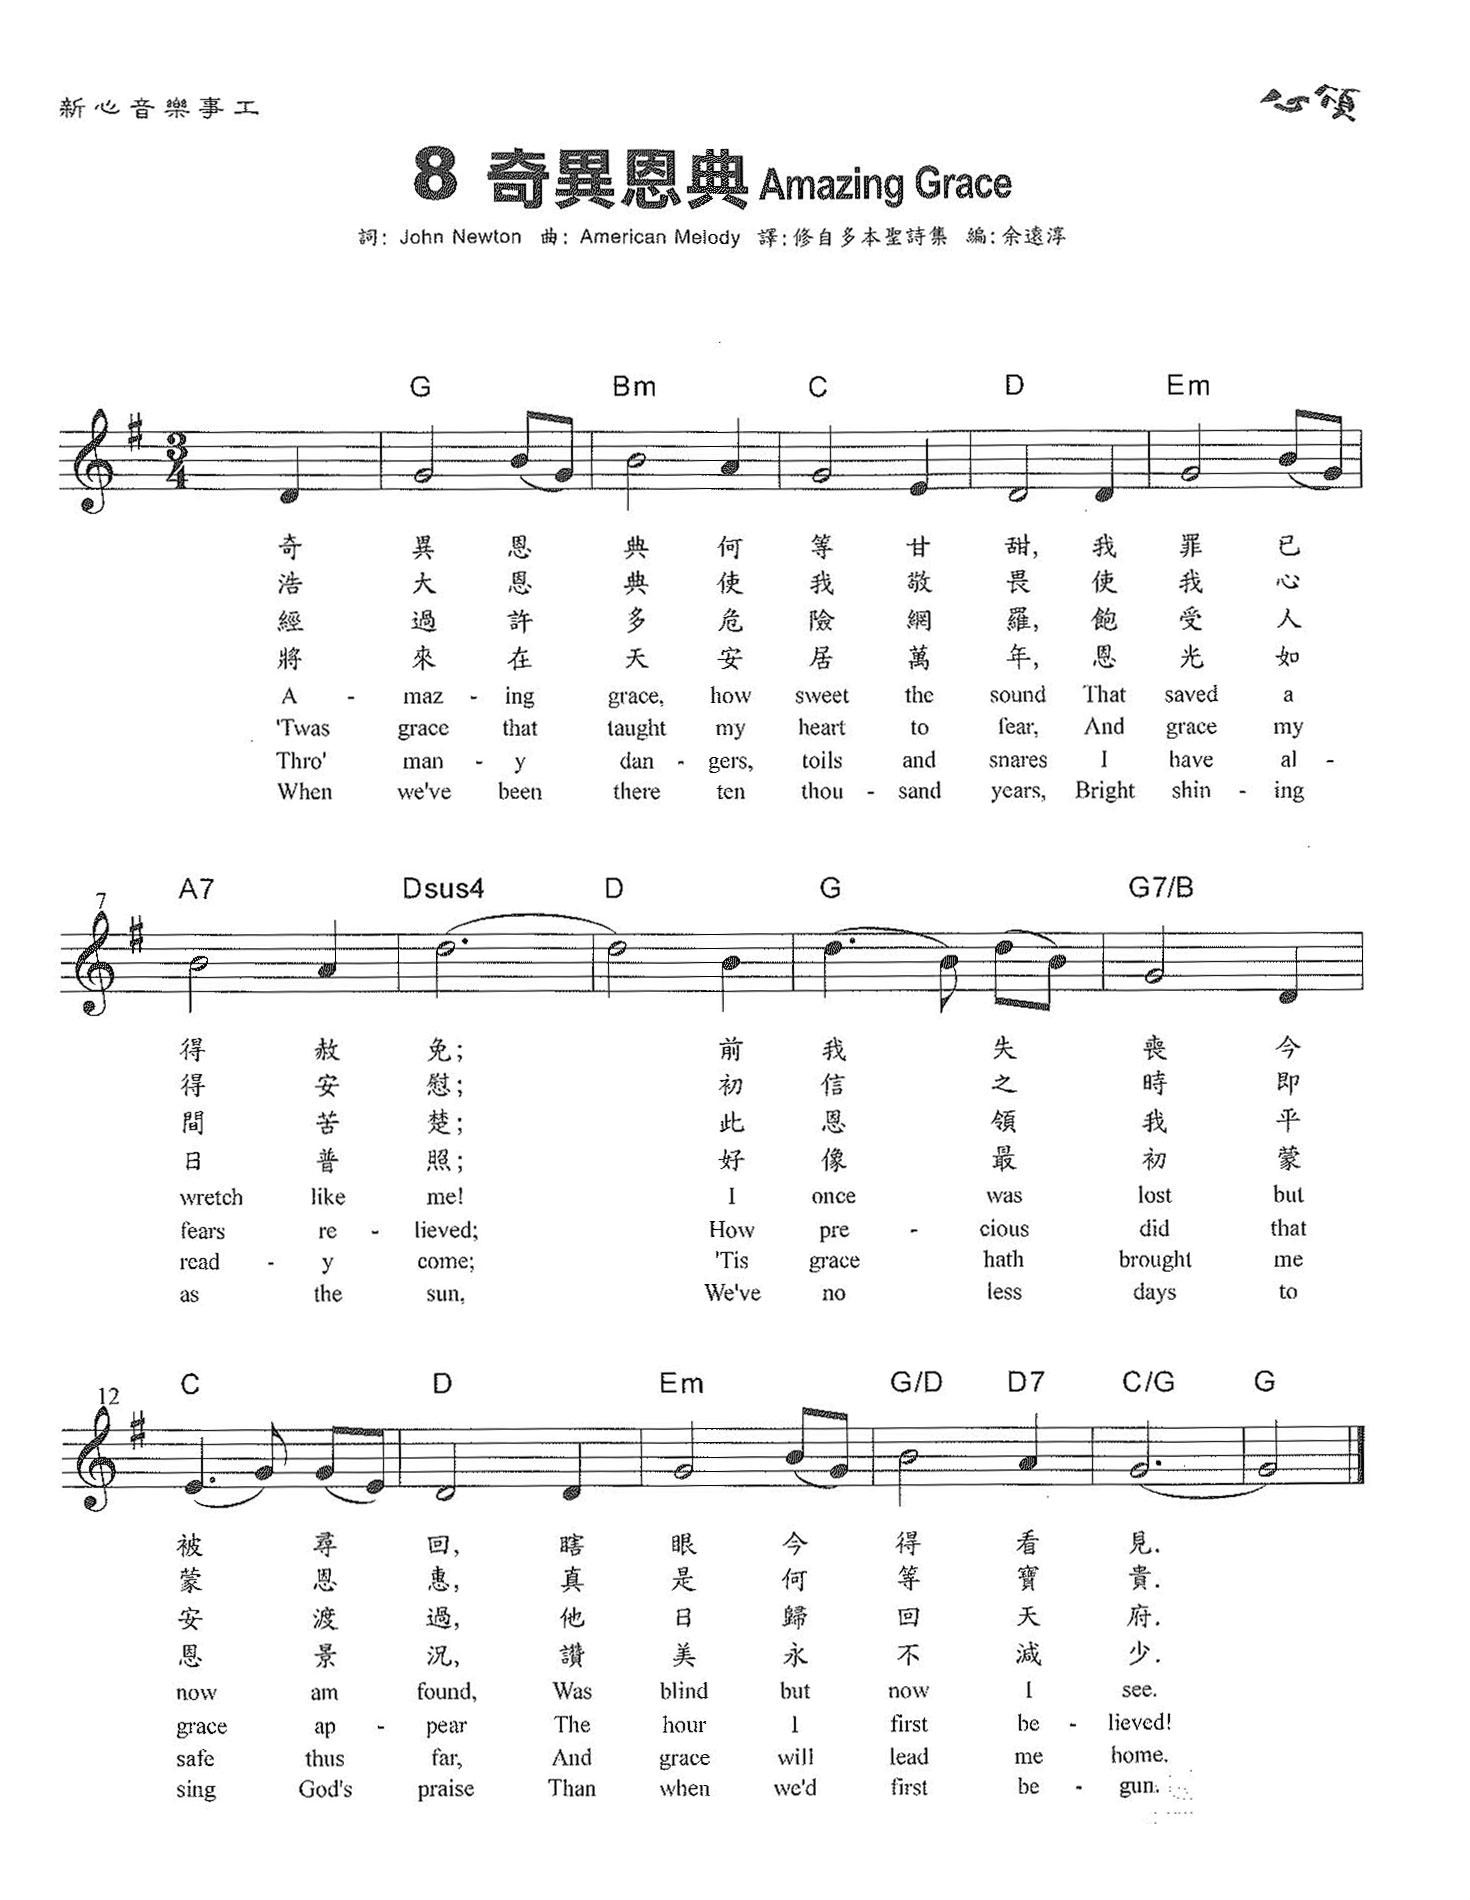 逆战乐谱专集,逆战简谱,吉他谱,钢琴谱等各类乐... - 中国乐谱网